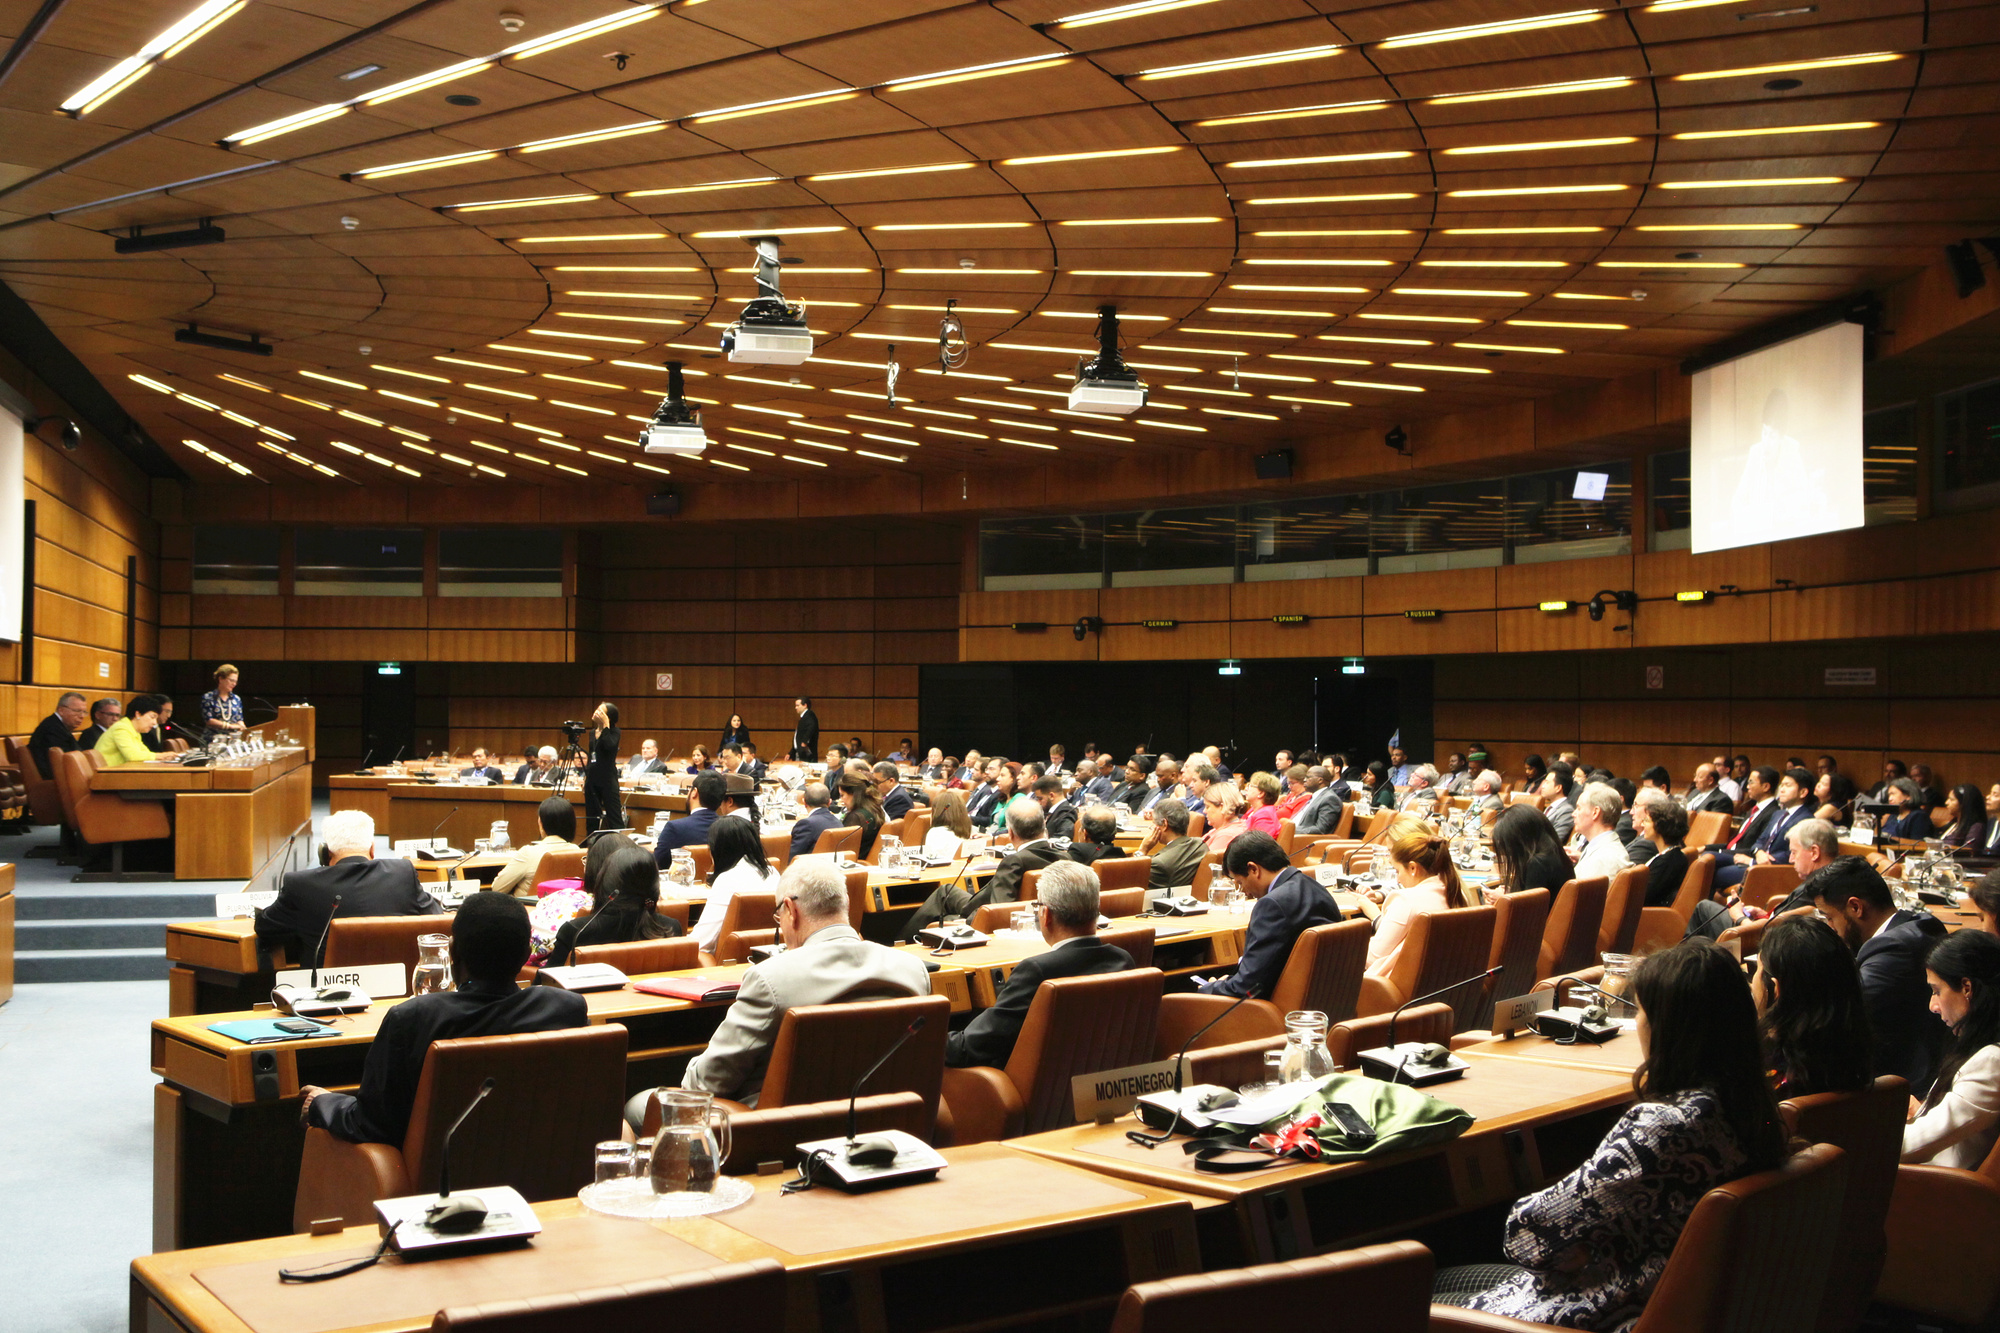 王毅致电祝贺77国集团维也纳分部成立20周年